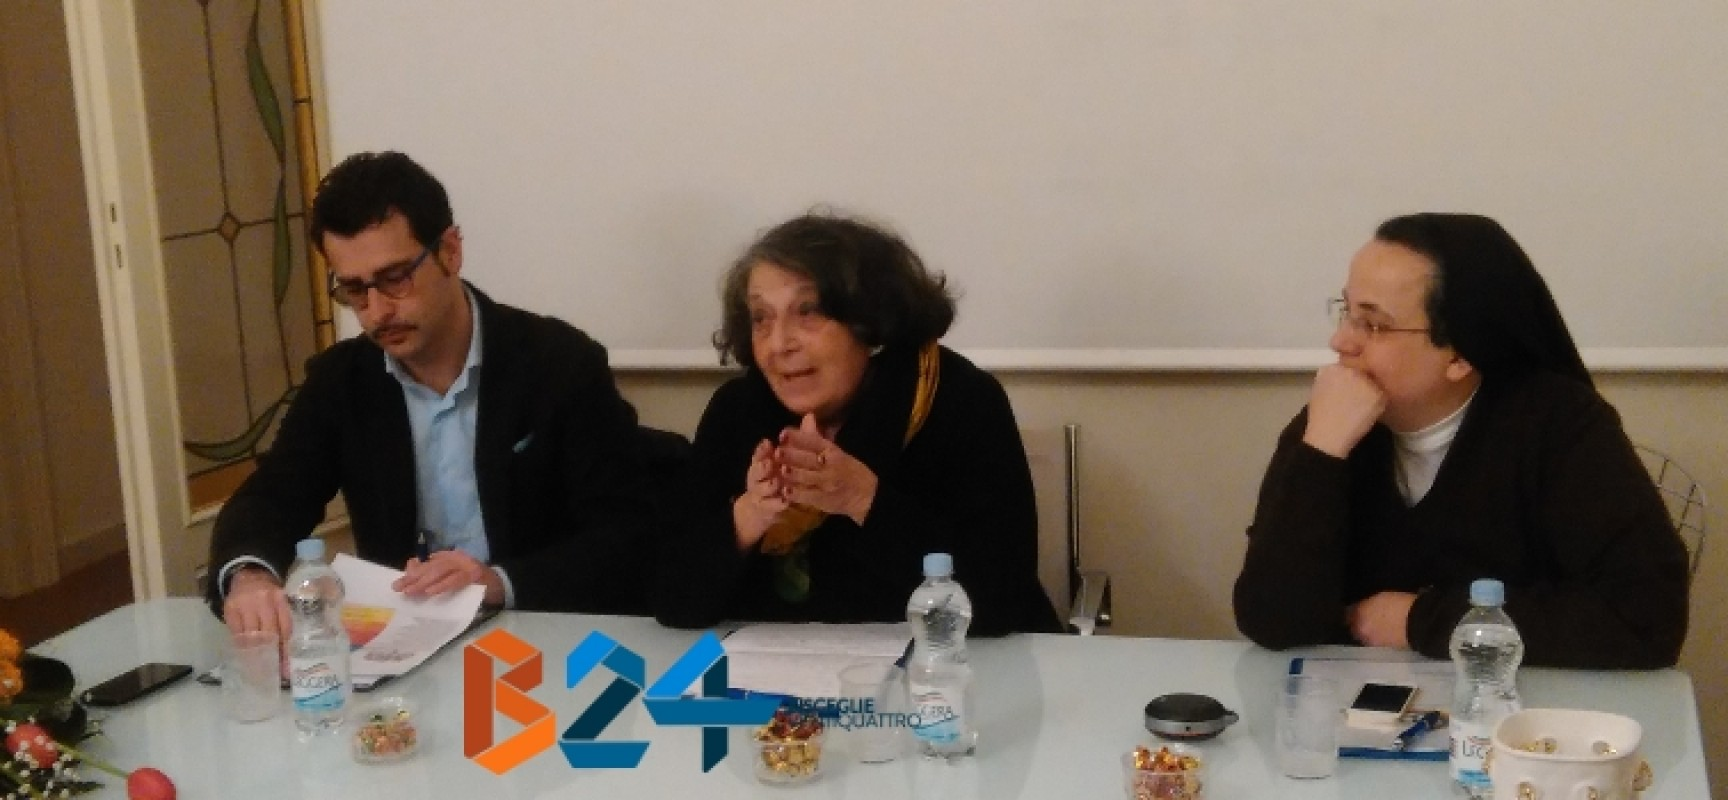 Fondazione DCL, Anna Maria Impemba analizza i vocaboli delle nuove generazioni